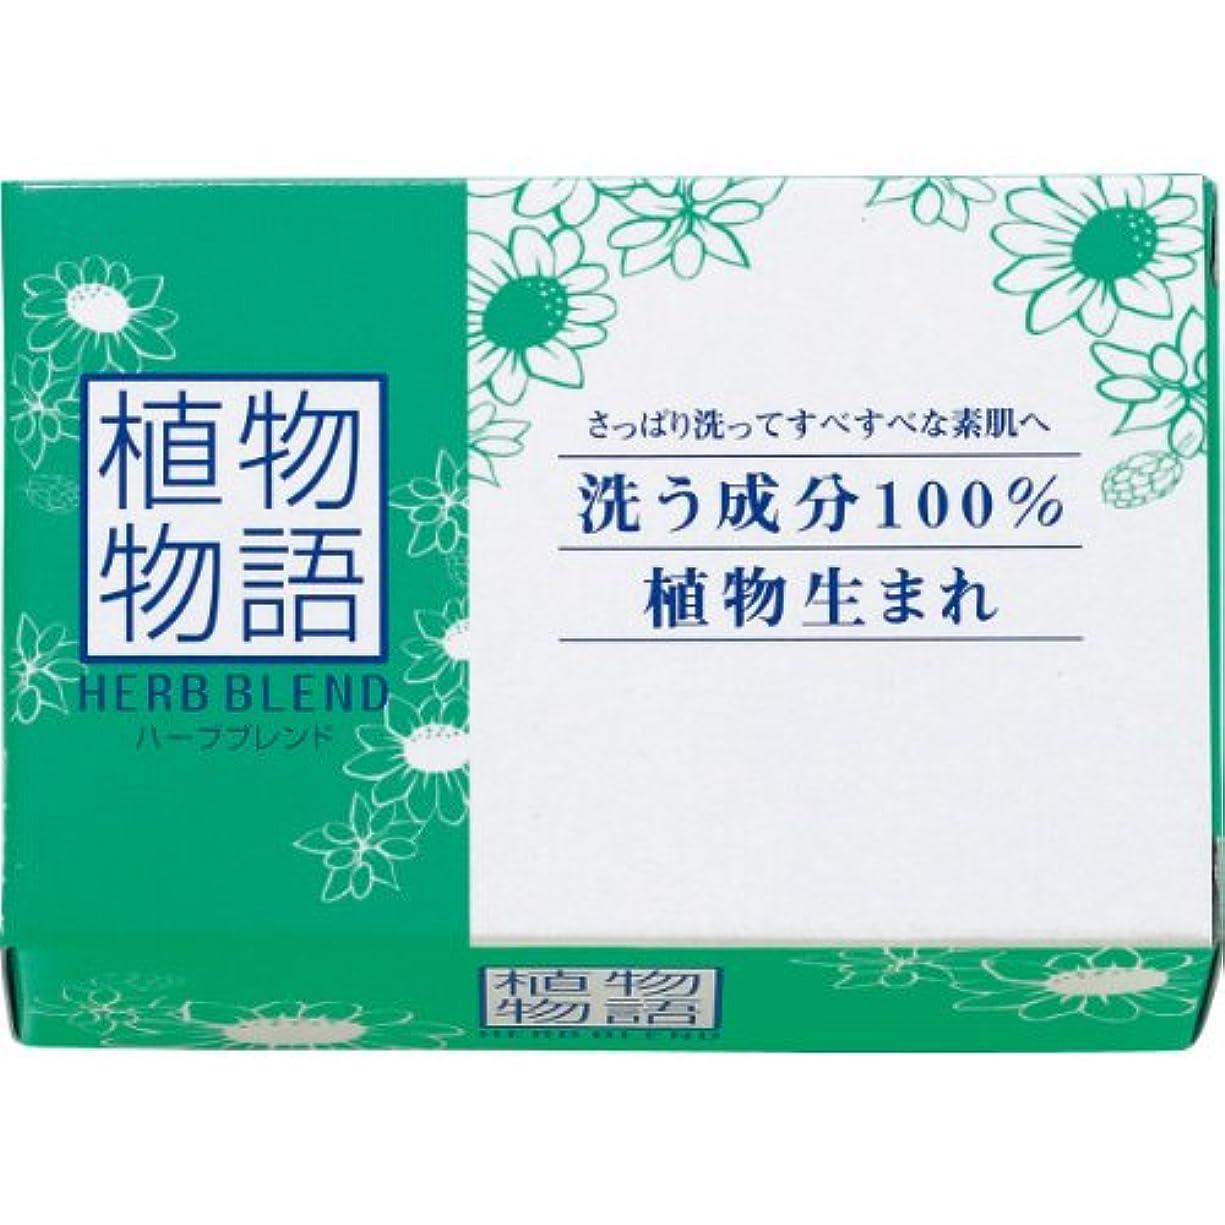 防止バラエティミケランジェロ【ライオン】植物物語ハーブブレンド 化粧石鹸 80g